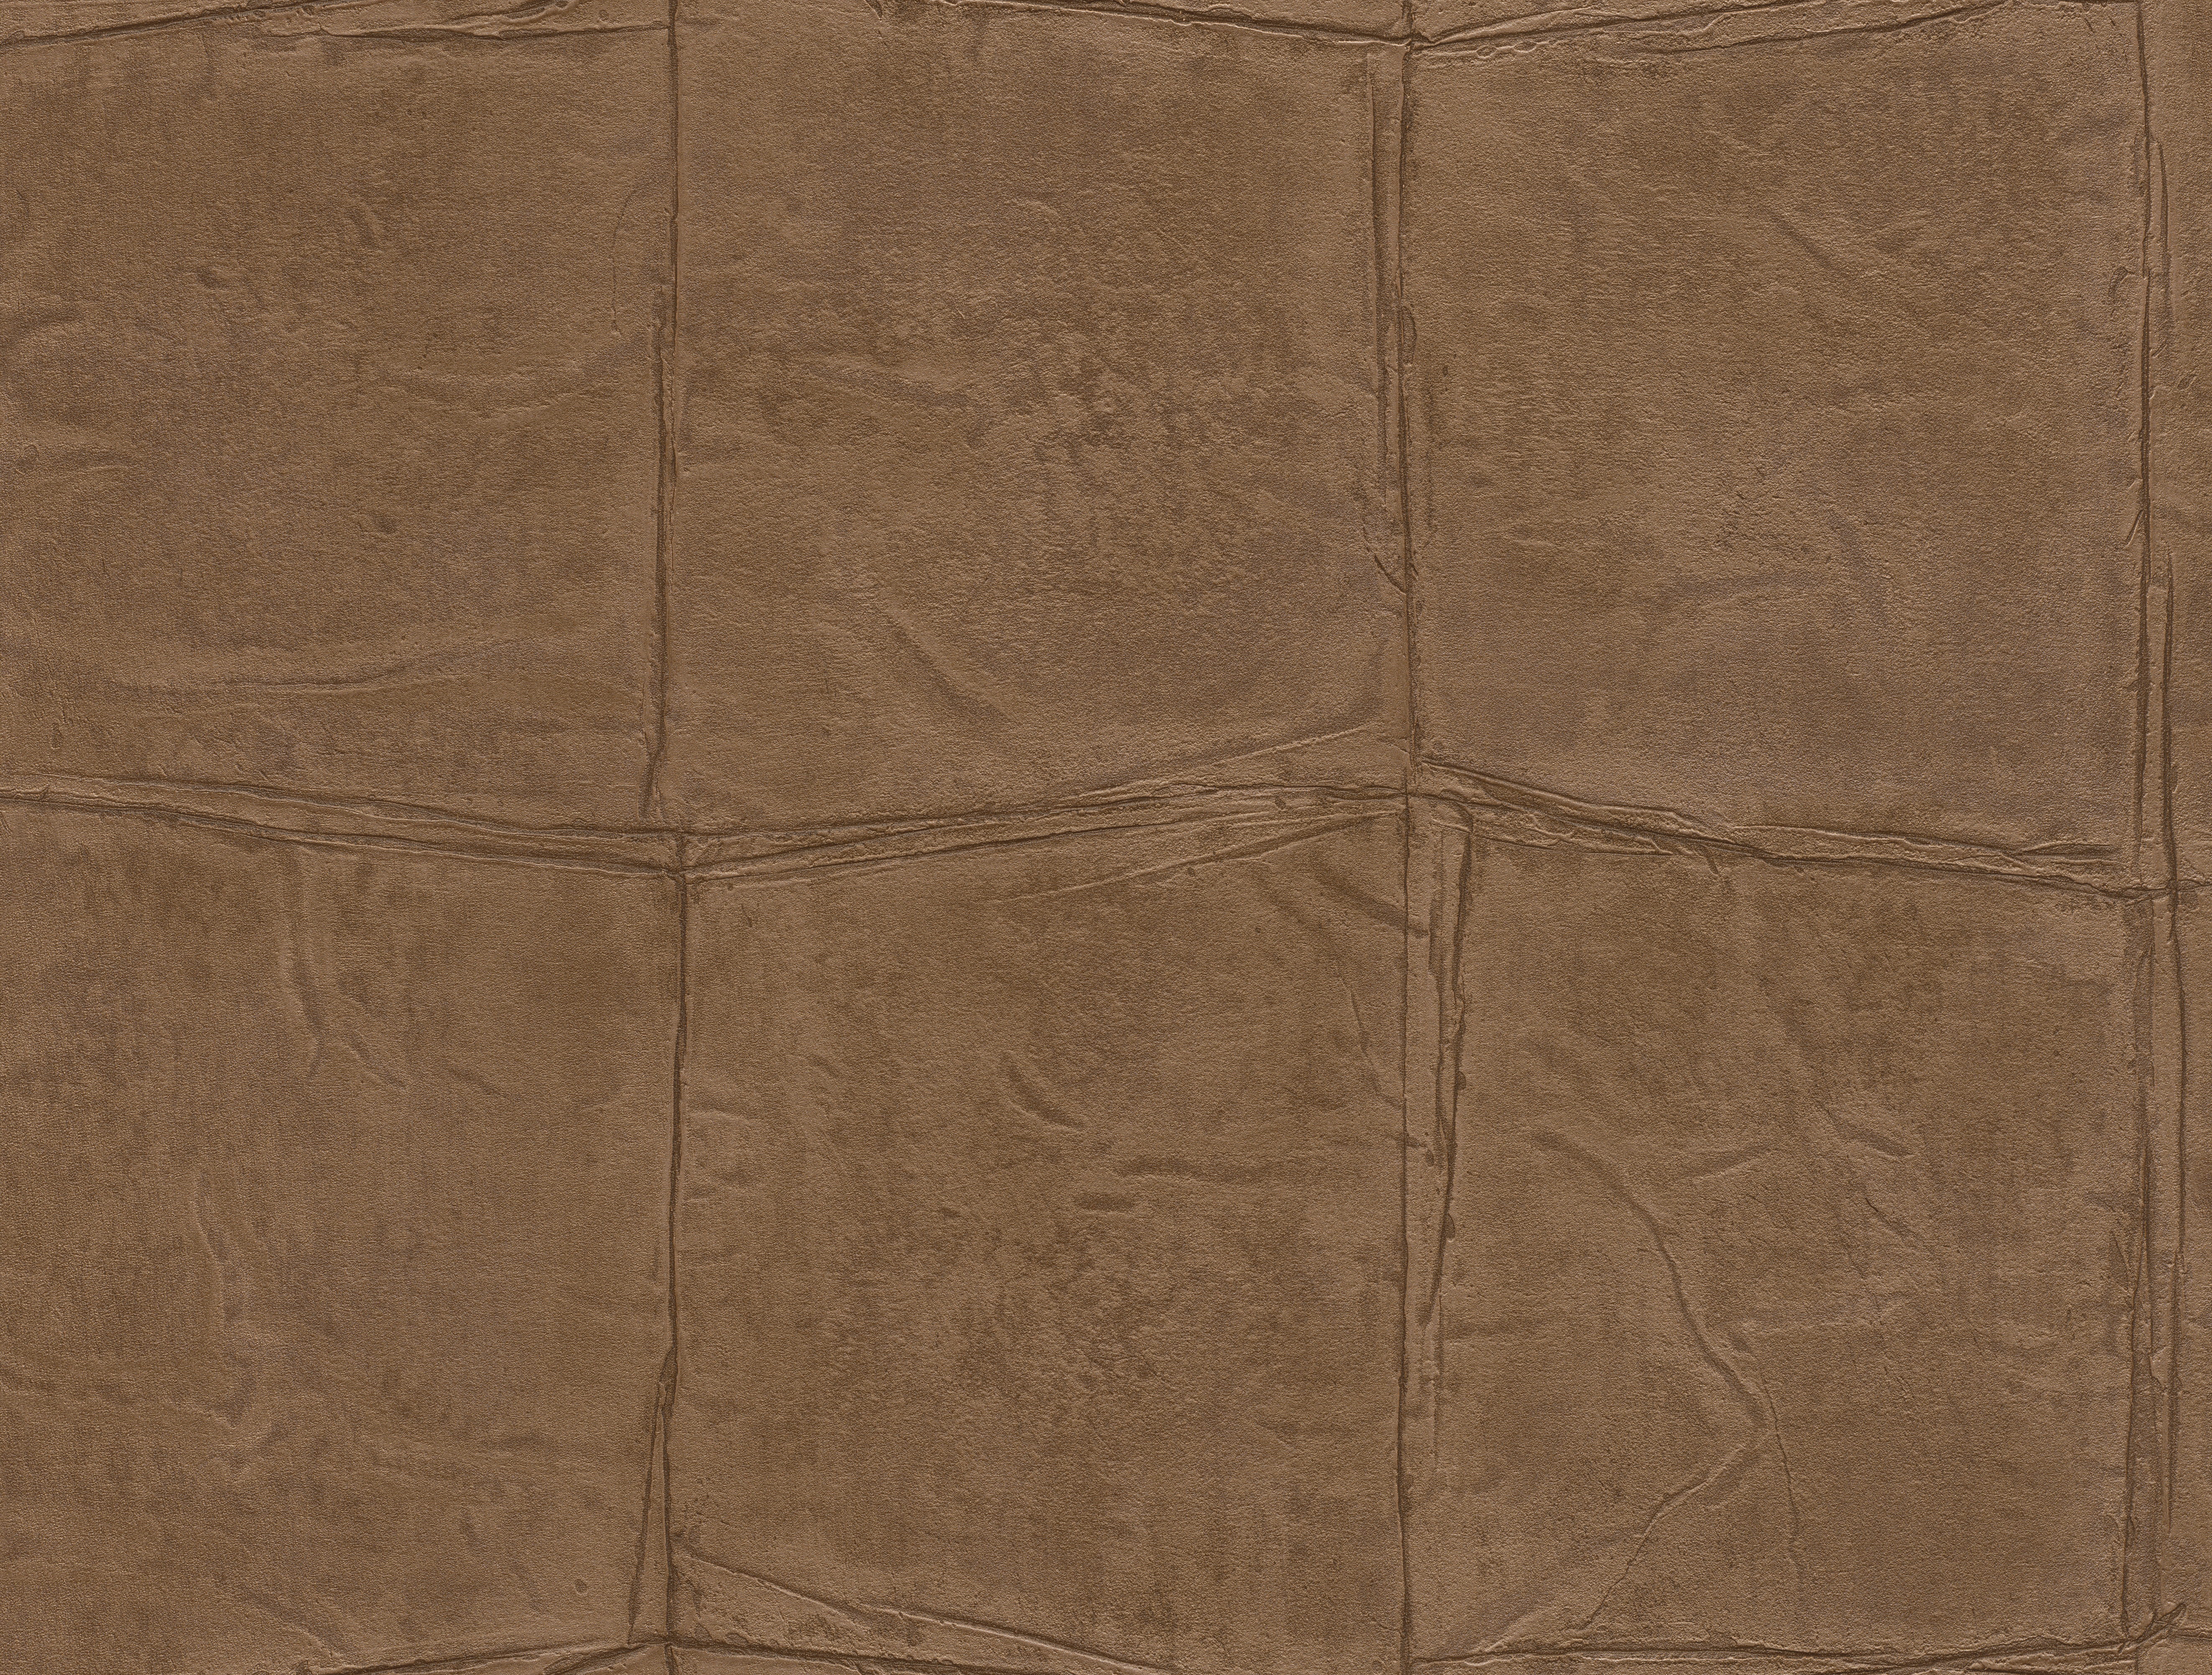 Barna gyöngyházfényű bőrhatású tapéta